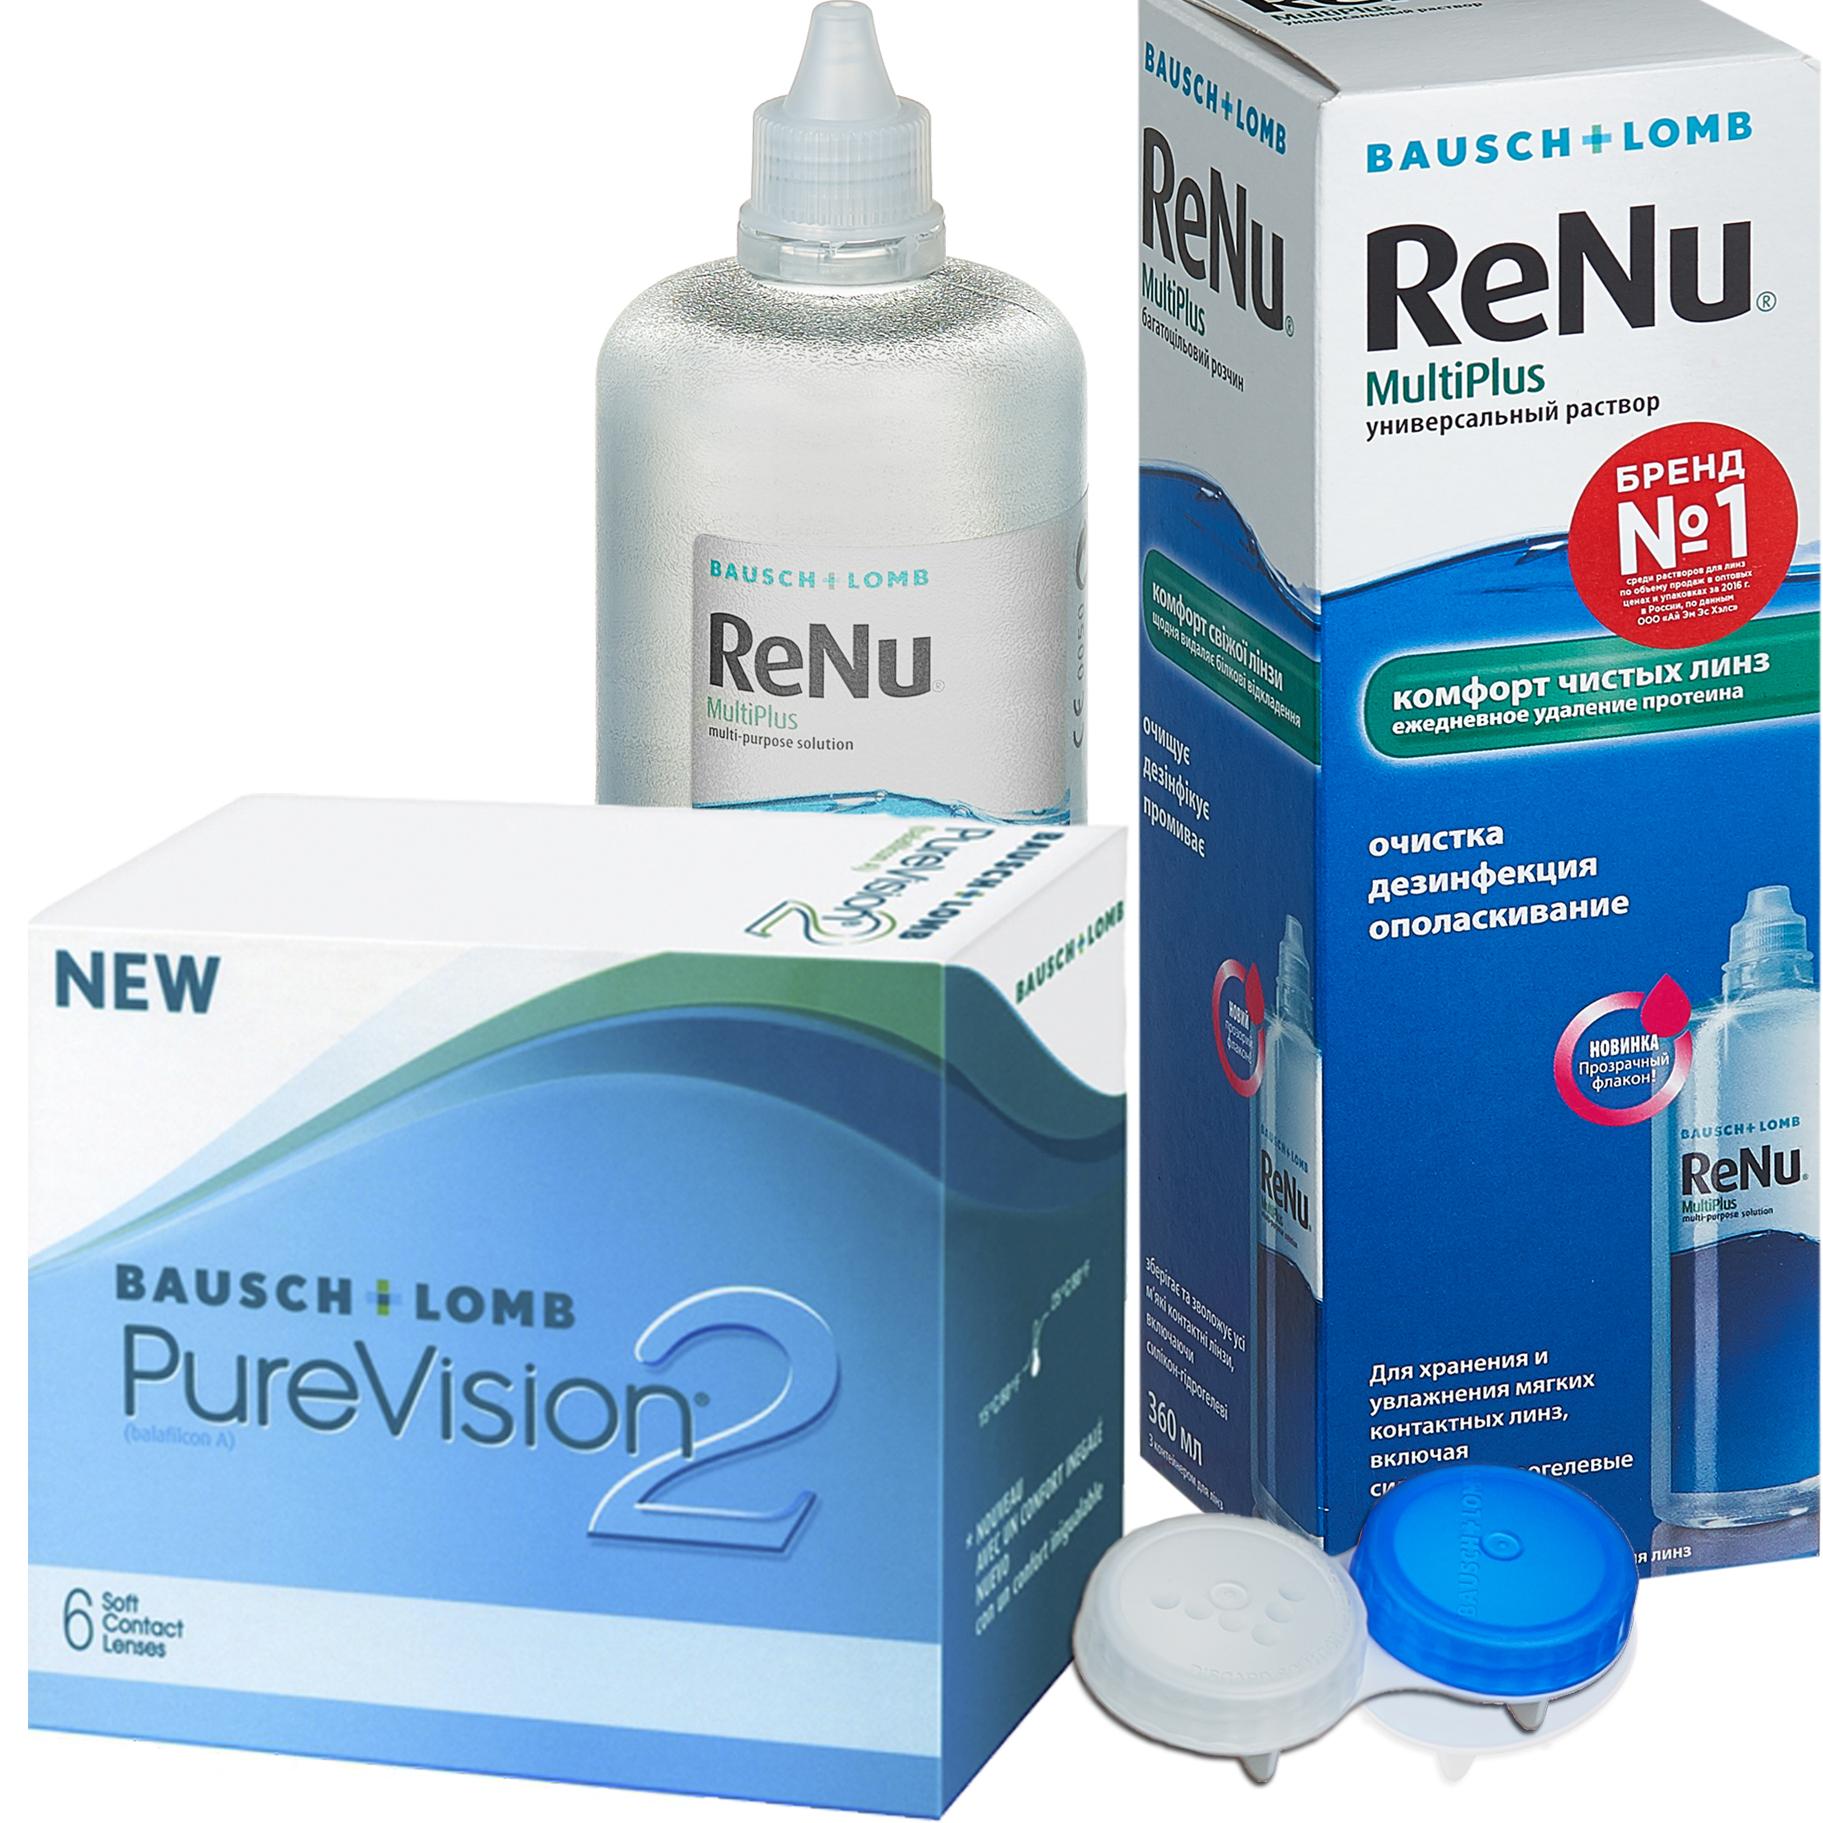 Купить 2 6 линз + ReNu MultiPlus, Контактные линзы PureVision 2 6 линз R 8.6 +5, 00 + Раствор ReNu Multi Plus 360 мл